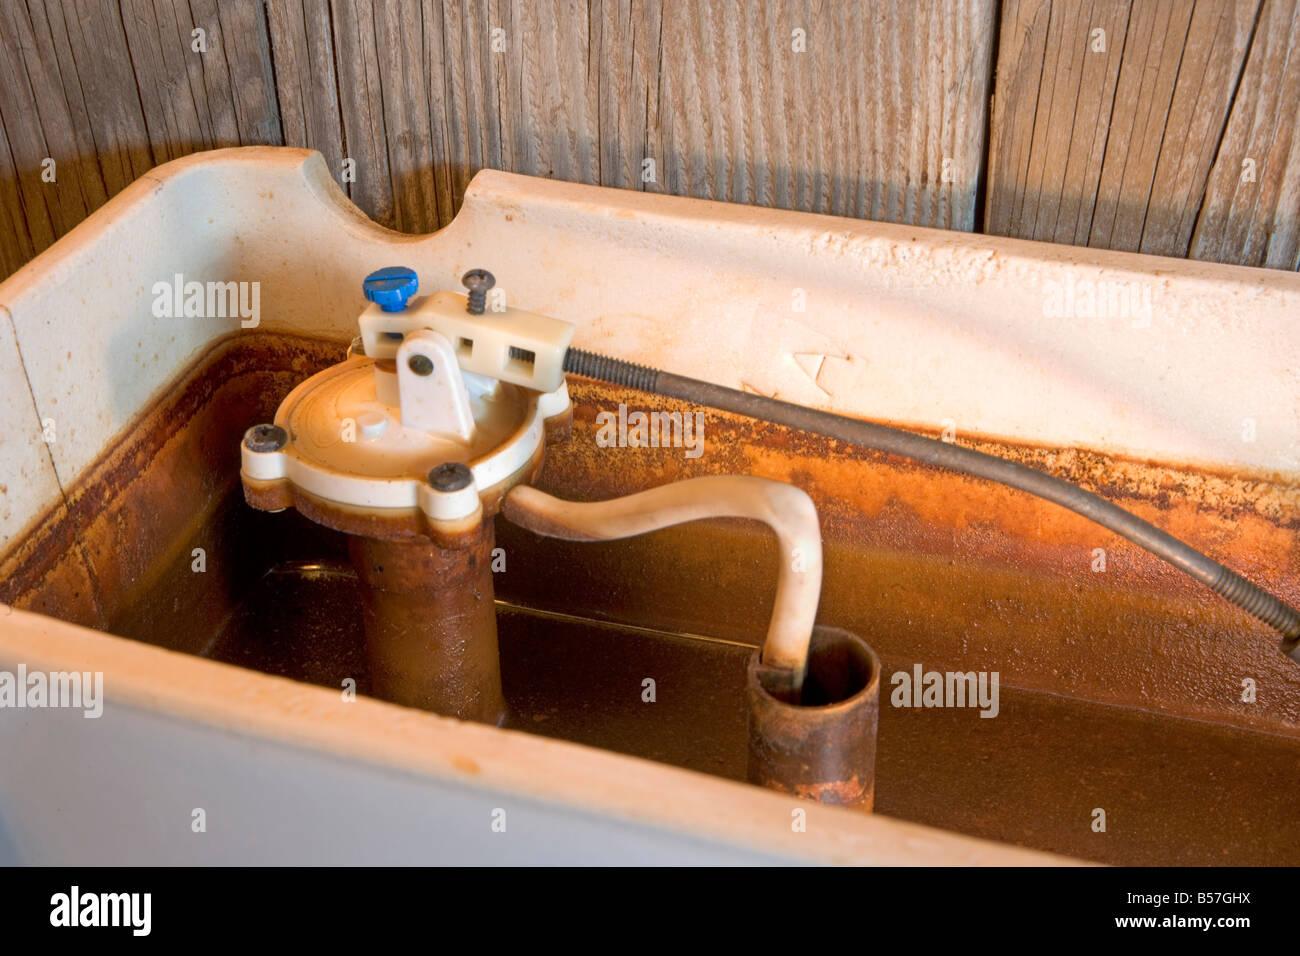 Sehr Eisenflecken Stockfotos & Eisenflecken Bilder - Alamy LF63